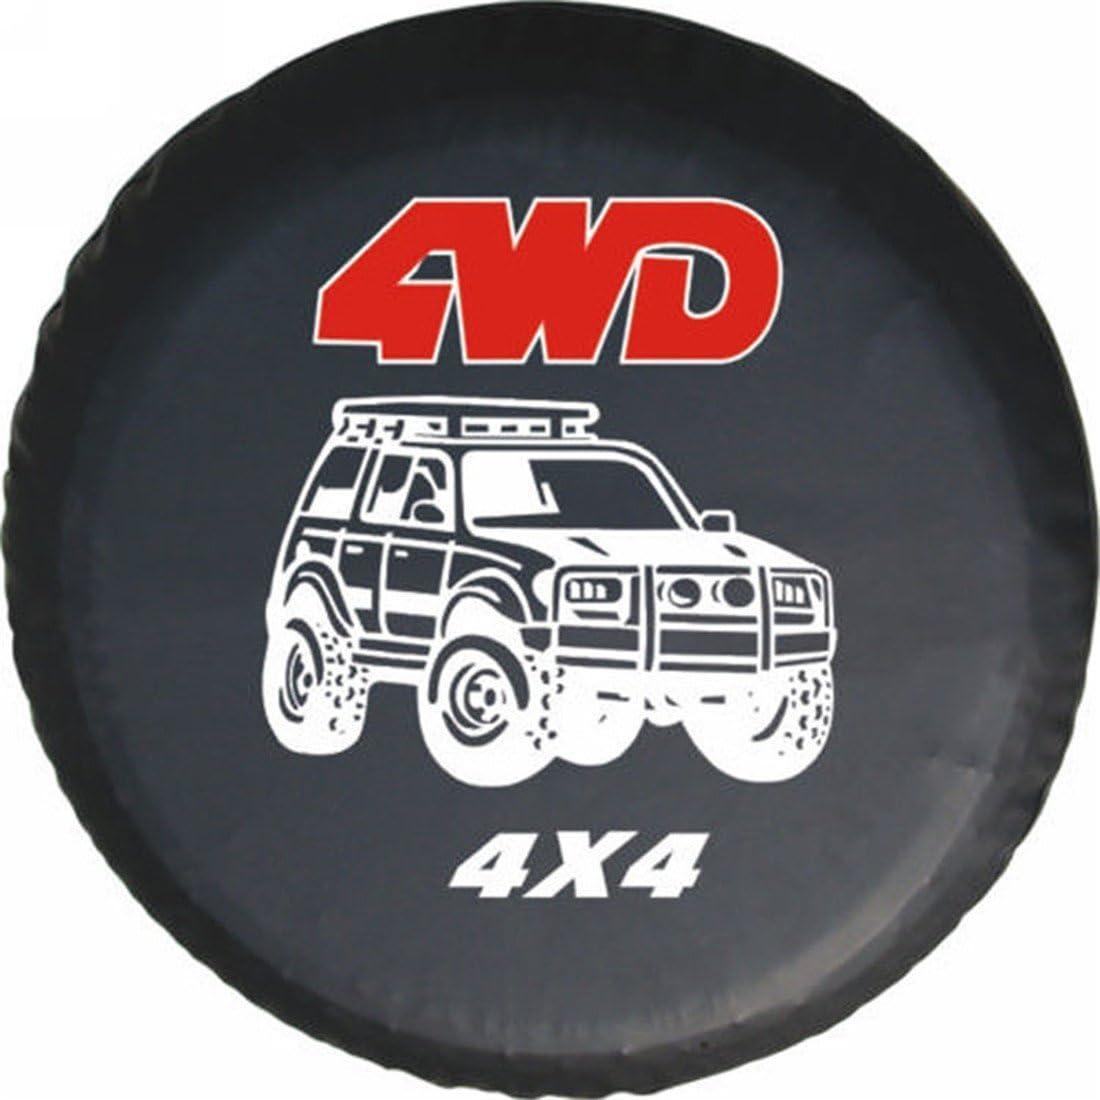 LITTOU Universal rueda de repuesto para 4 WD 4 x 4 Spot caso protector Para Trailer, RV, SUV (15